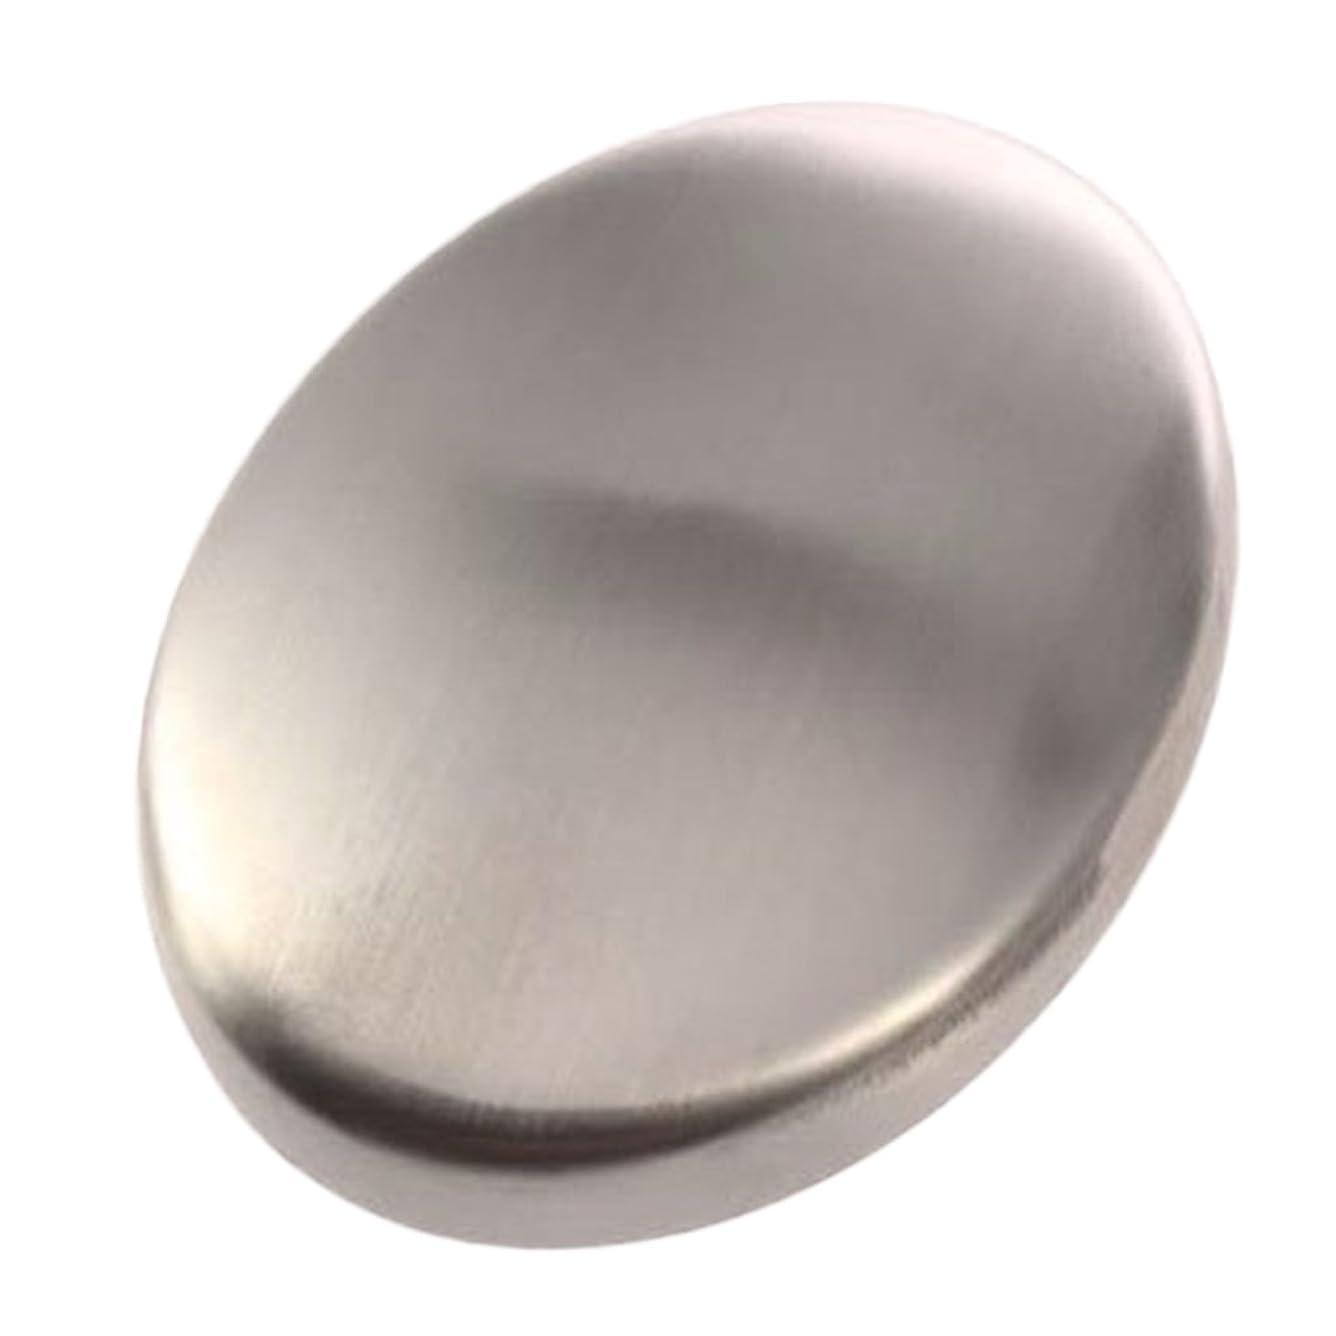 しゃがむ高める建築Zafina ステンレスソープ 円形 においとりソープ 臭い取り ステンレス石鹸